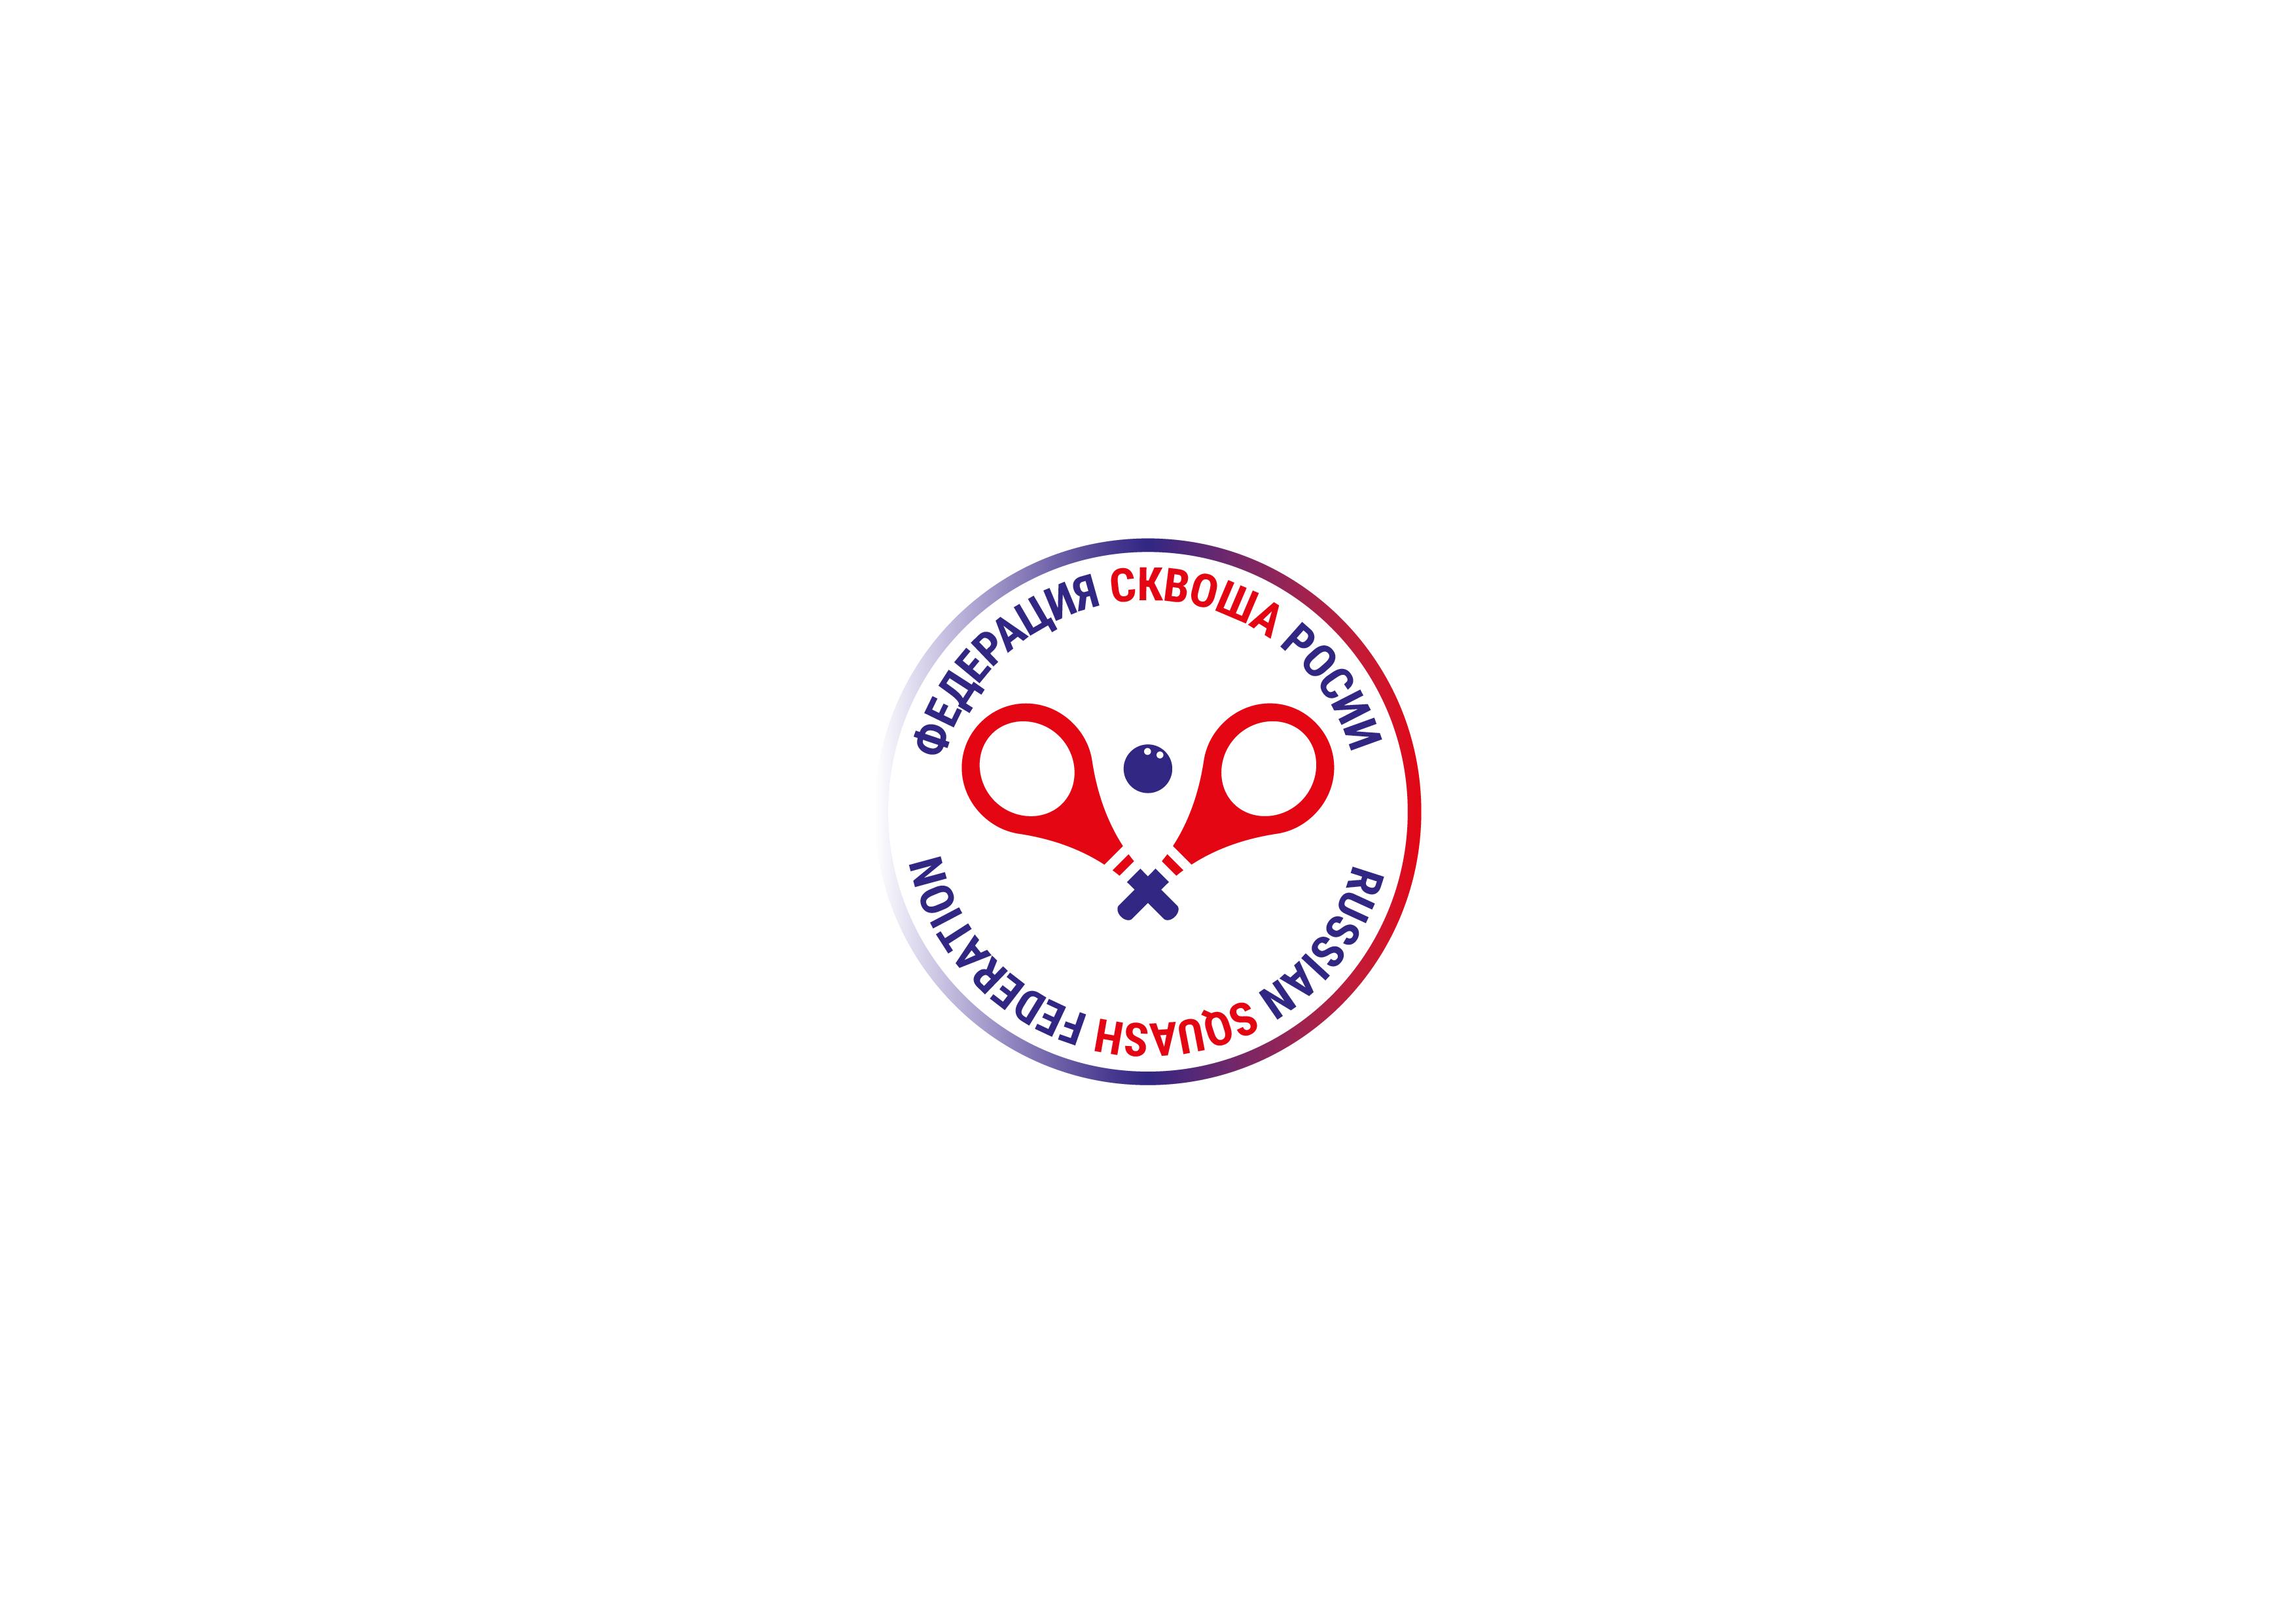 Разработать логотип для Федерации сквоша России фото f_1895f31308102896.jpg